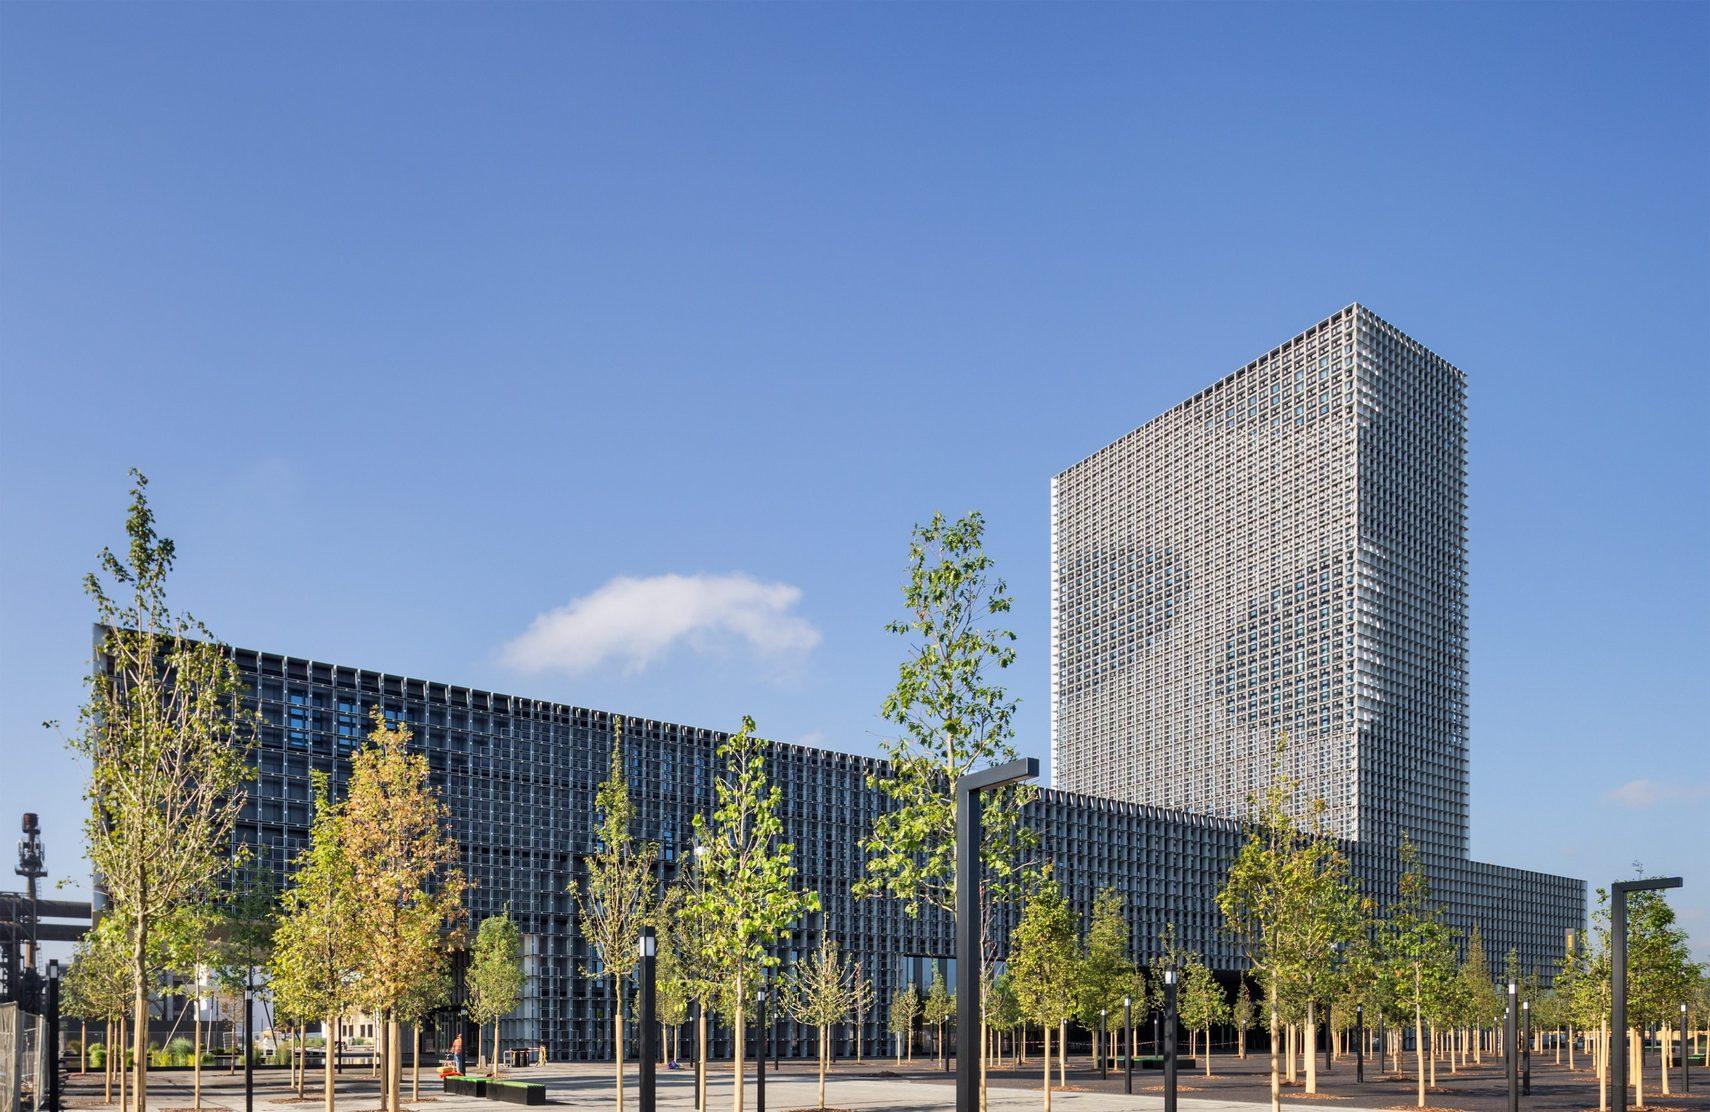 Universit tsgeb ude la maison du savoir baumschlager - Architekten luxemburg ...